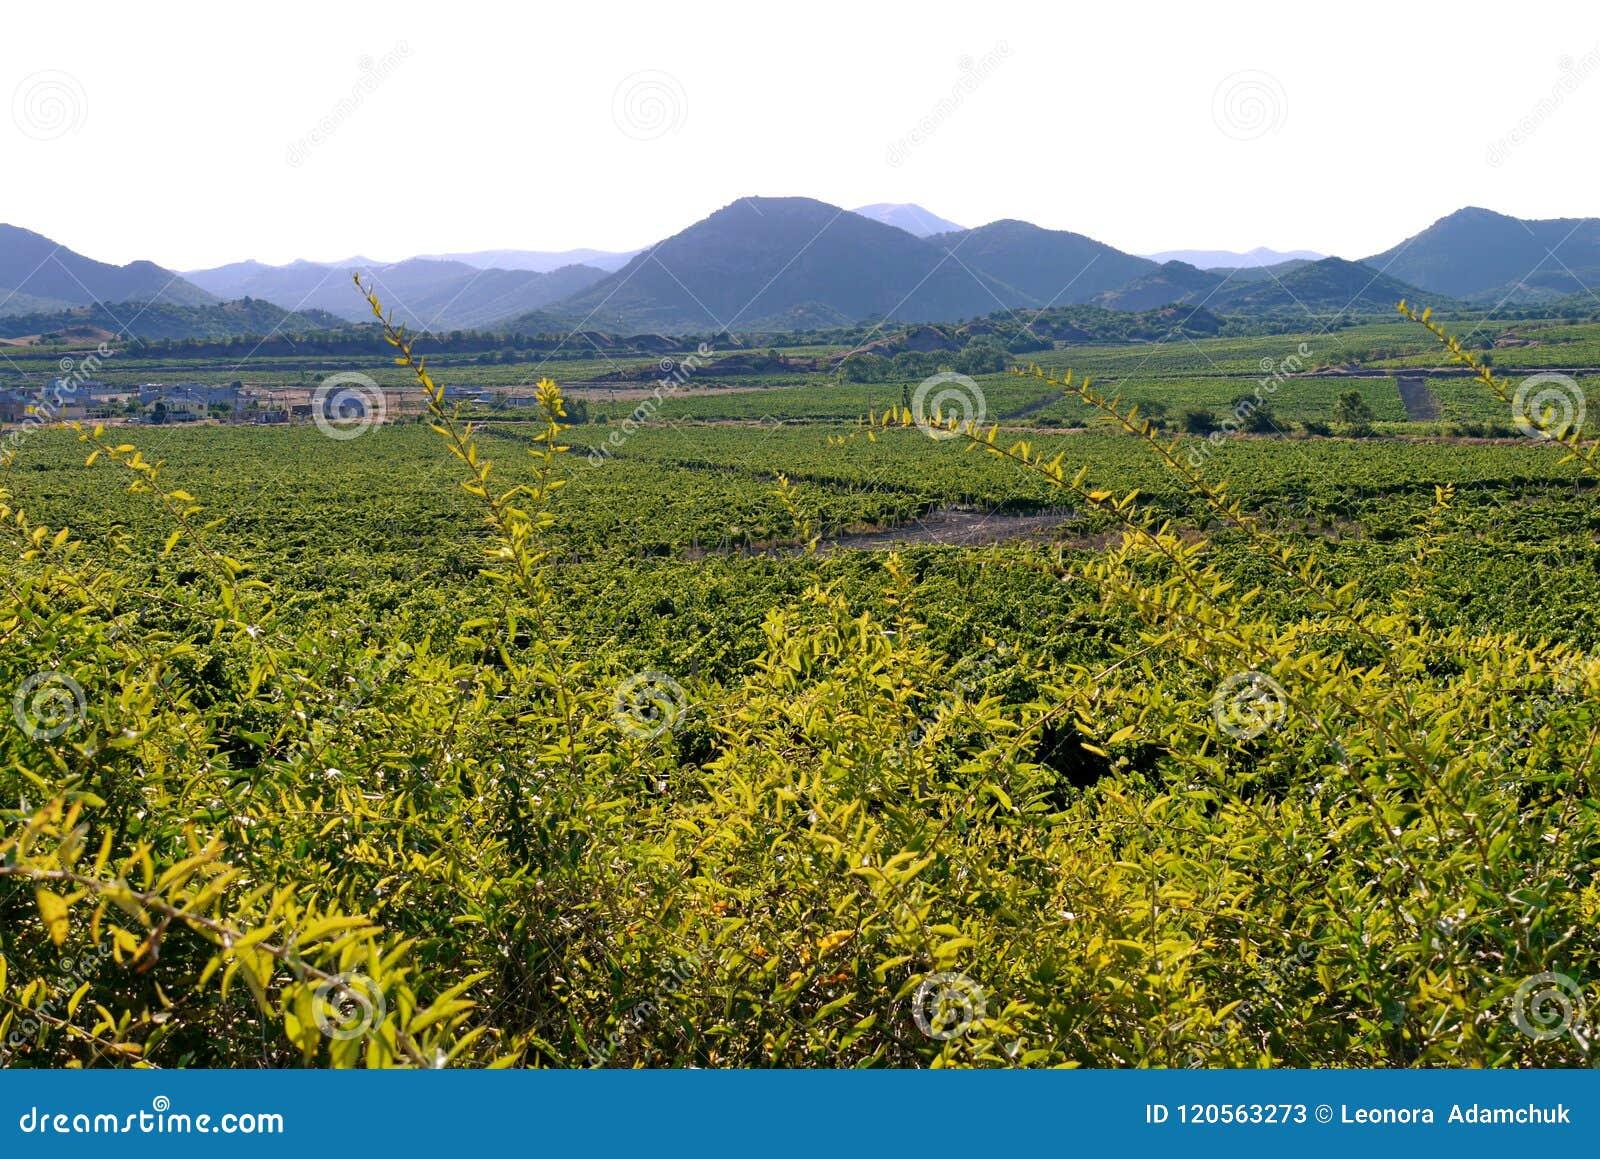 Um grande campo com as plantações esquadradas com vegetais plantados A construção das explorações agrícolas que estão no centro e